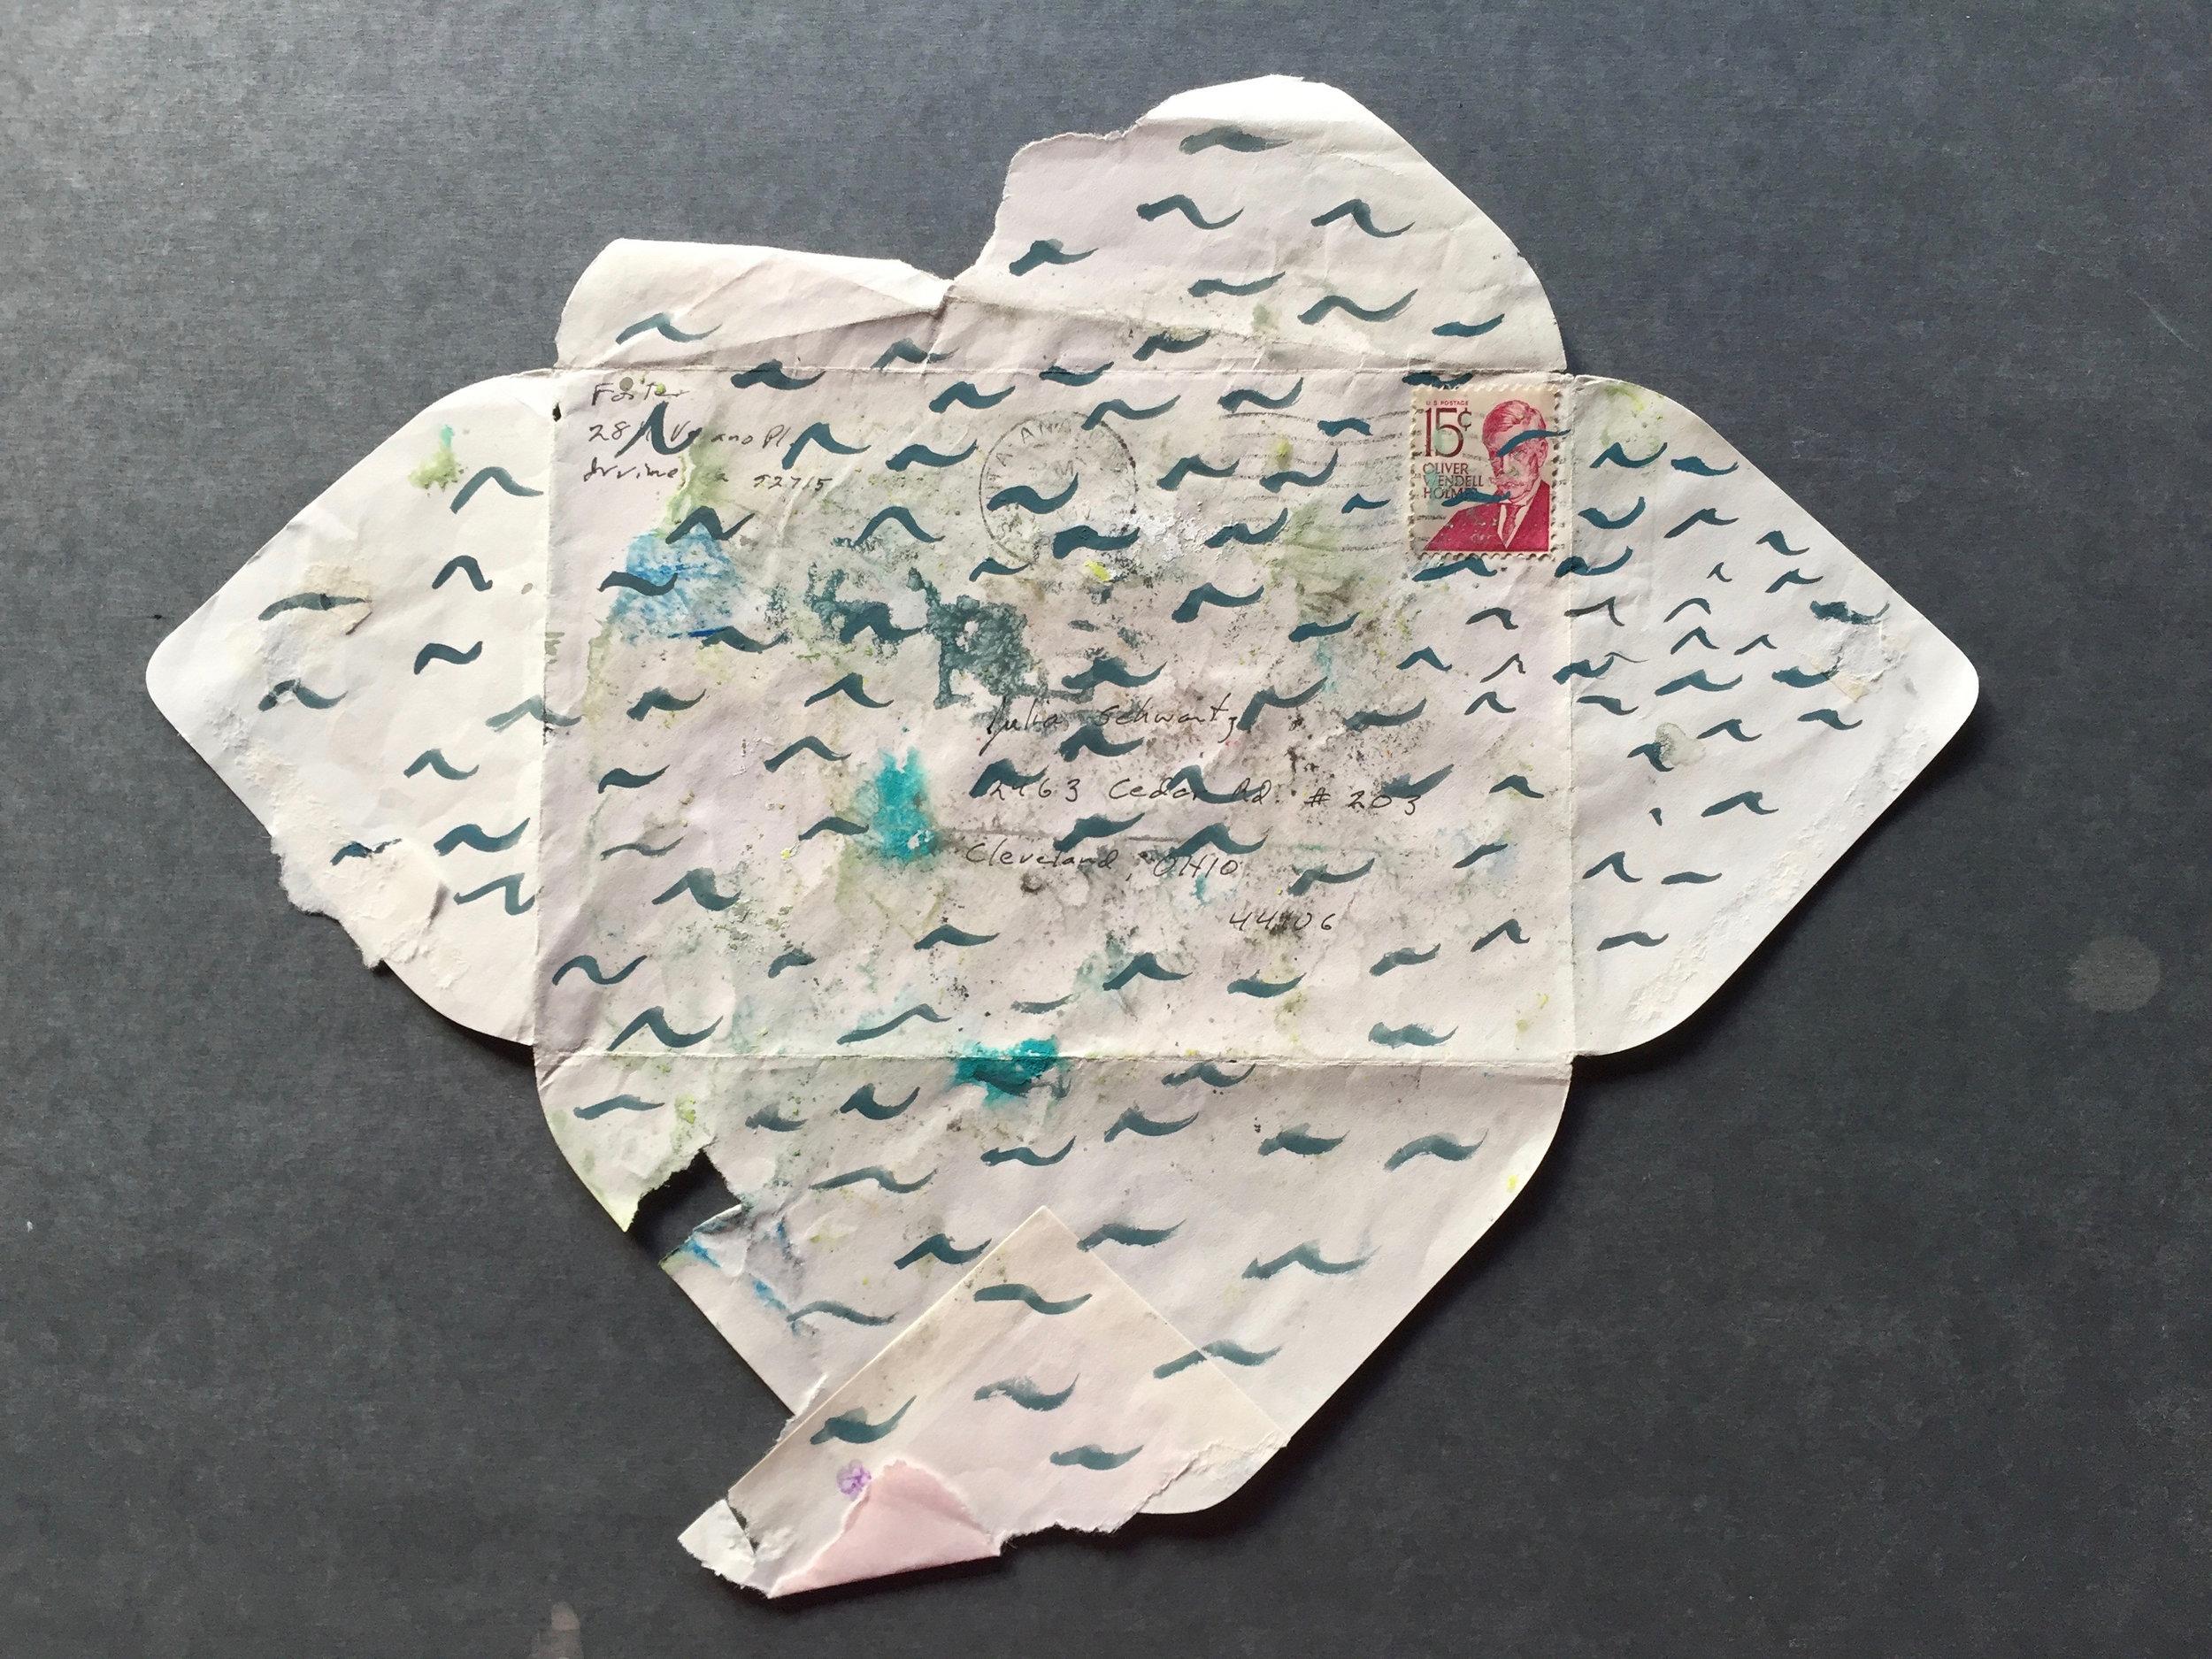 schwartz envelope #8887.jpg